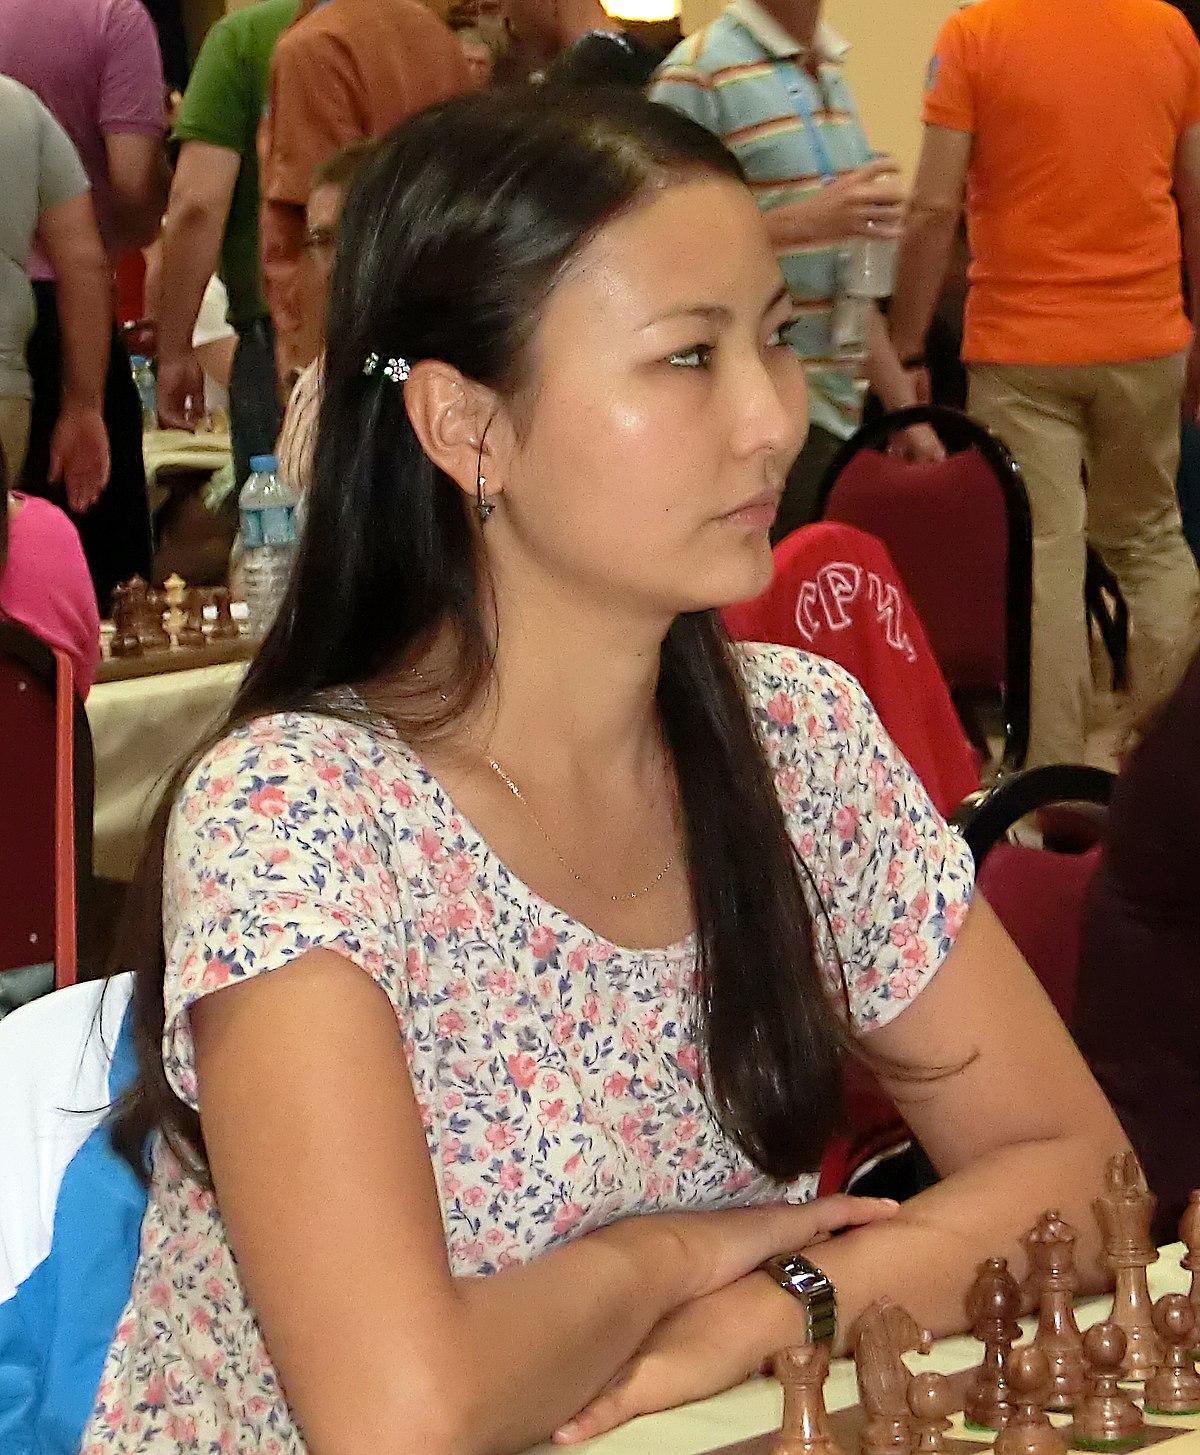 1200px-guliskhannakhbayeva12.jpg